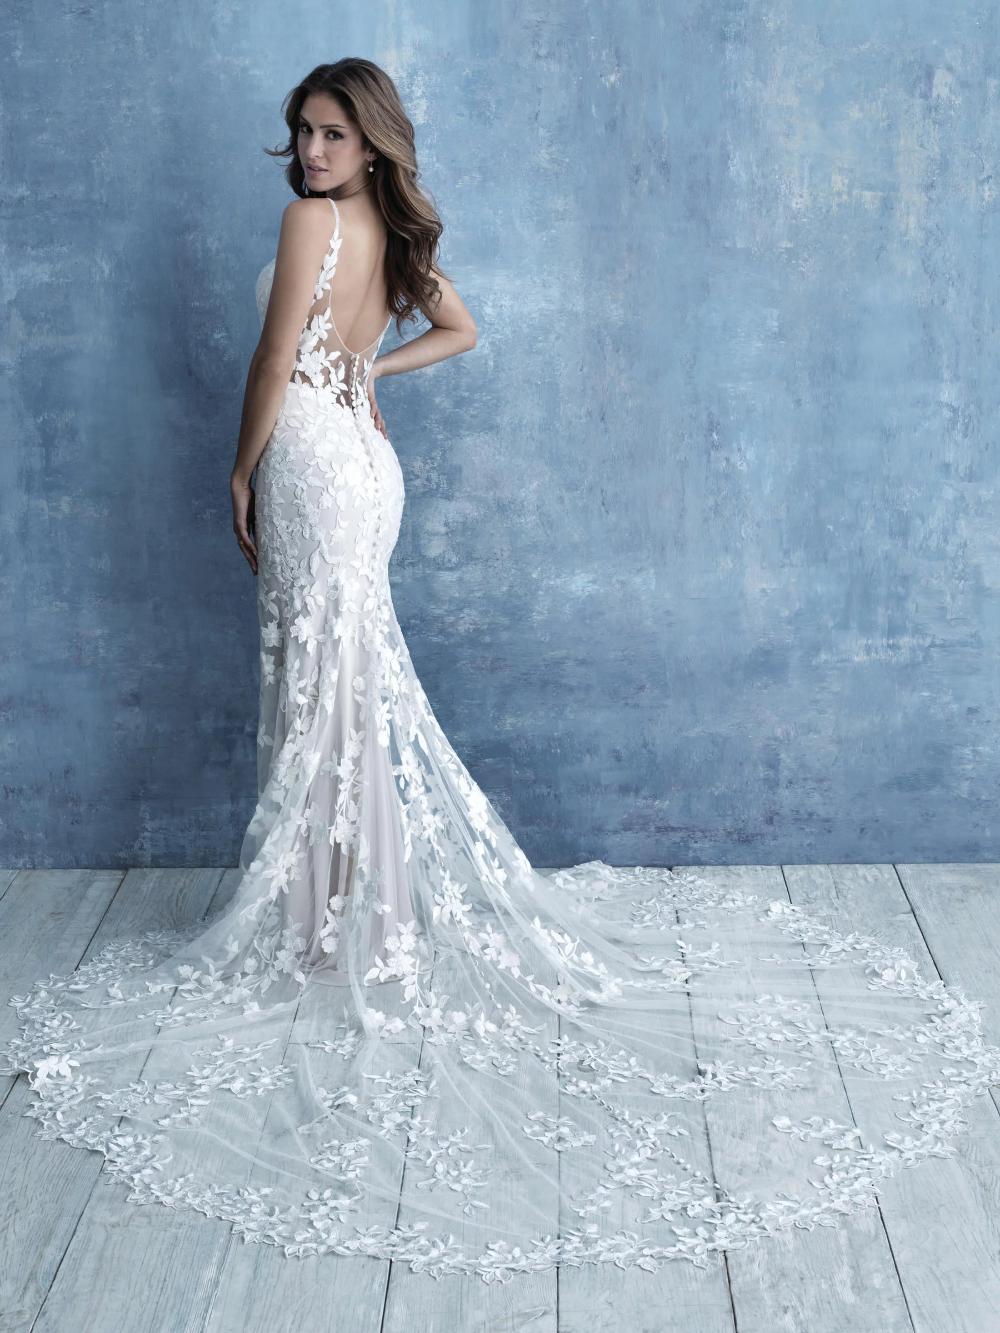 Allure Bridal 9716 Allure Wedding Dresses Allure Bridal Wedding Dress Allure Bridal Gowns